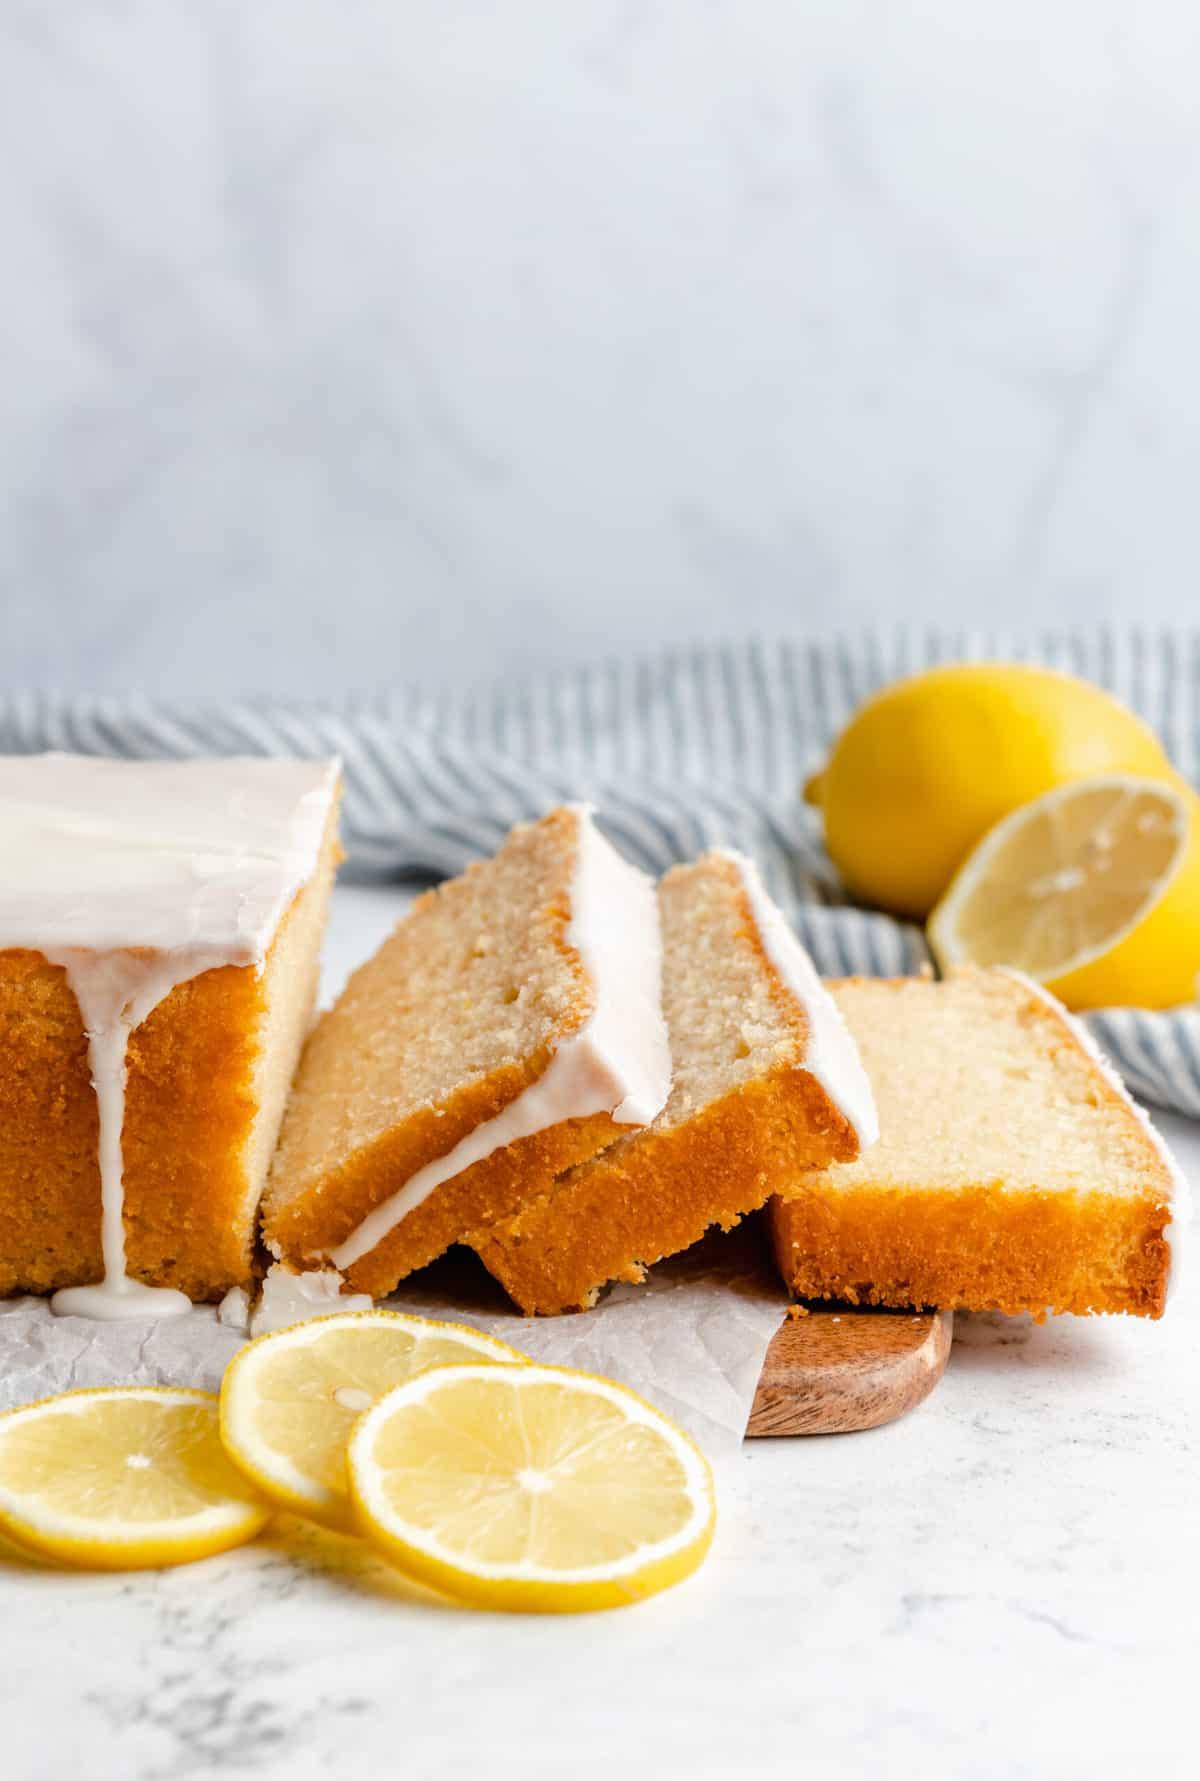 Sliced loaf of vegan lemon quick bread.